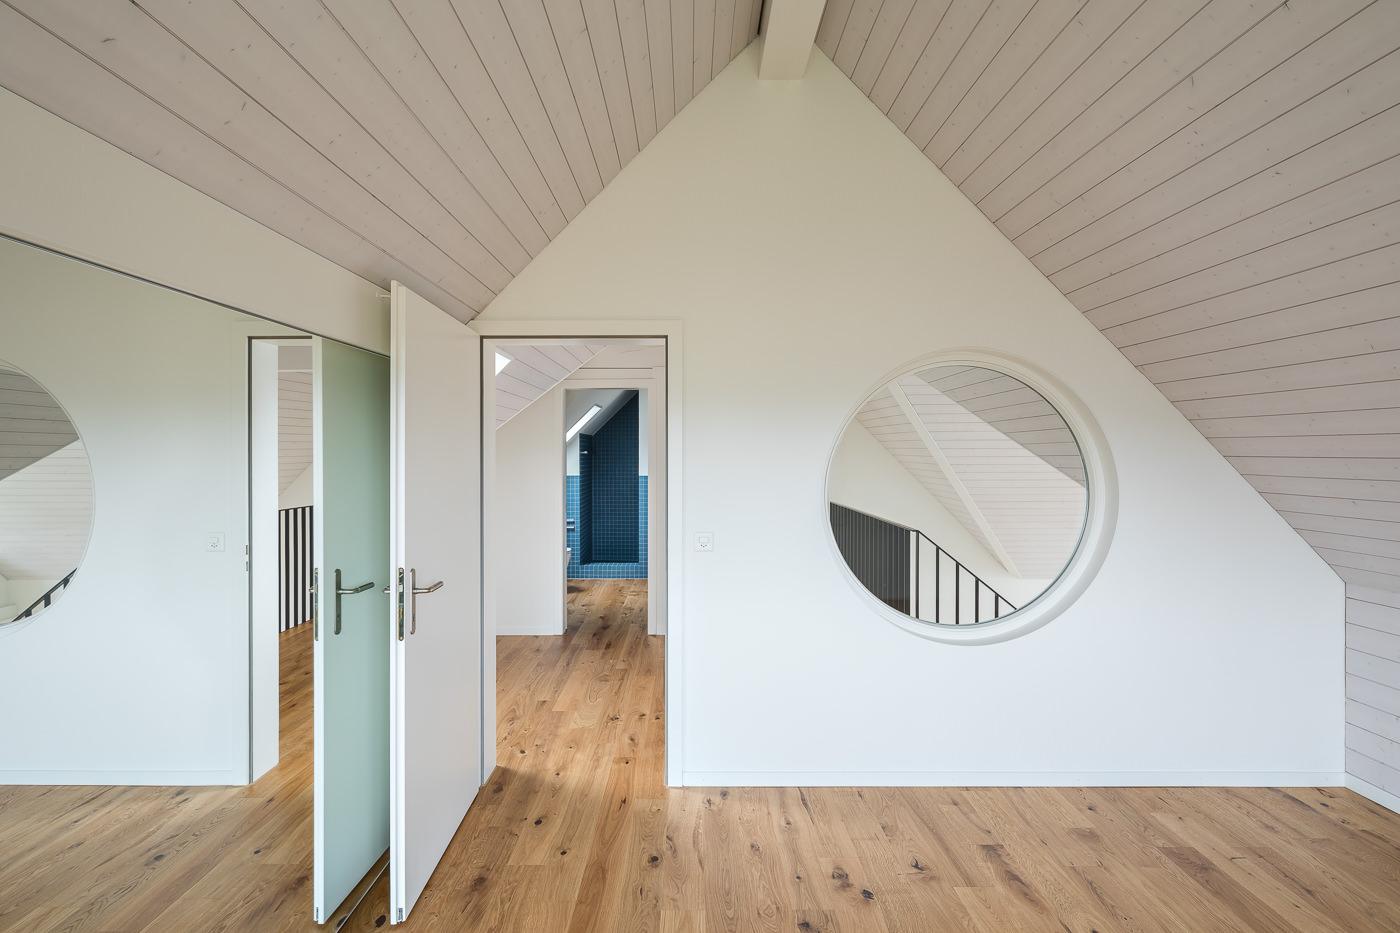 buan architekten – Umbau Attikawohnung Willisau – Dachzimmer